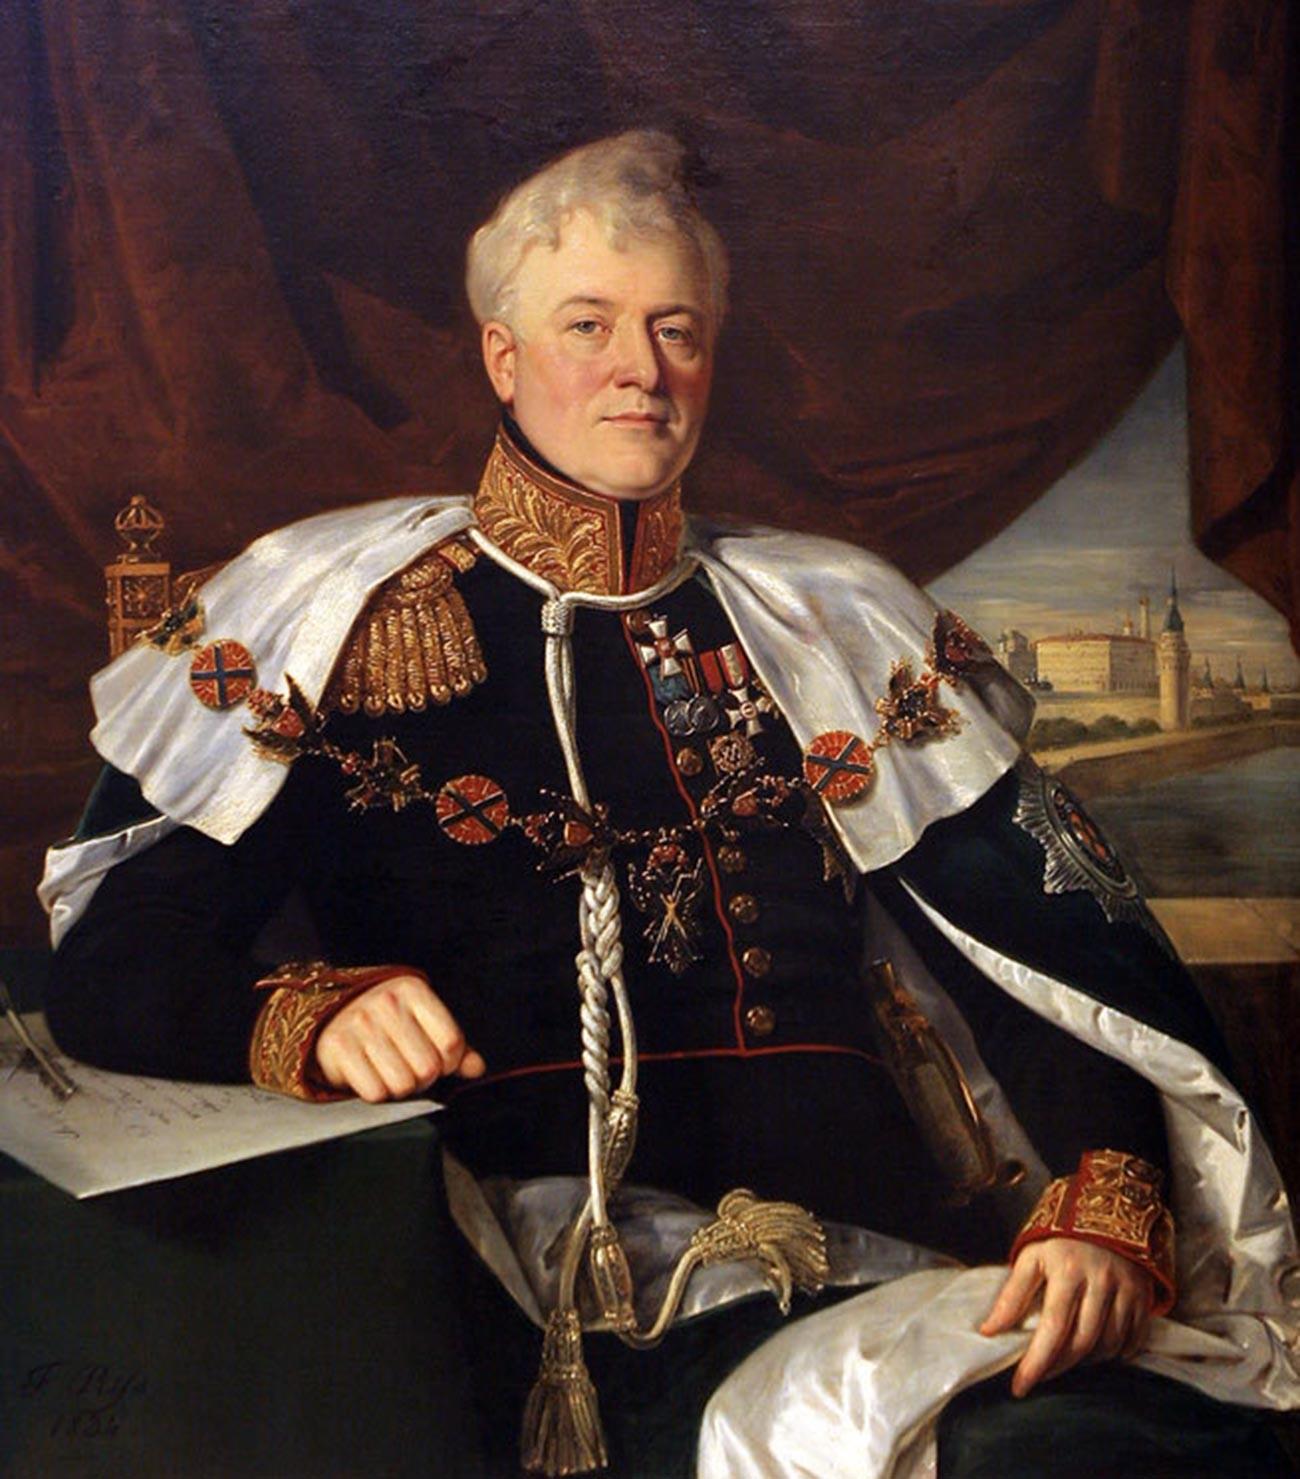 Il principe Dmitrij Golitsyn (1771-1844), Governatore militare di Mosca